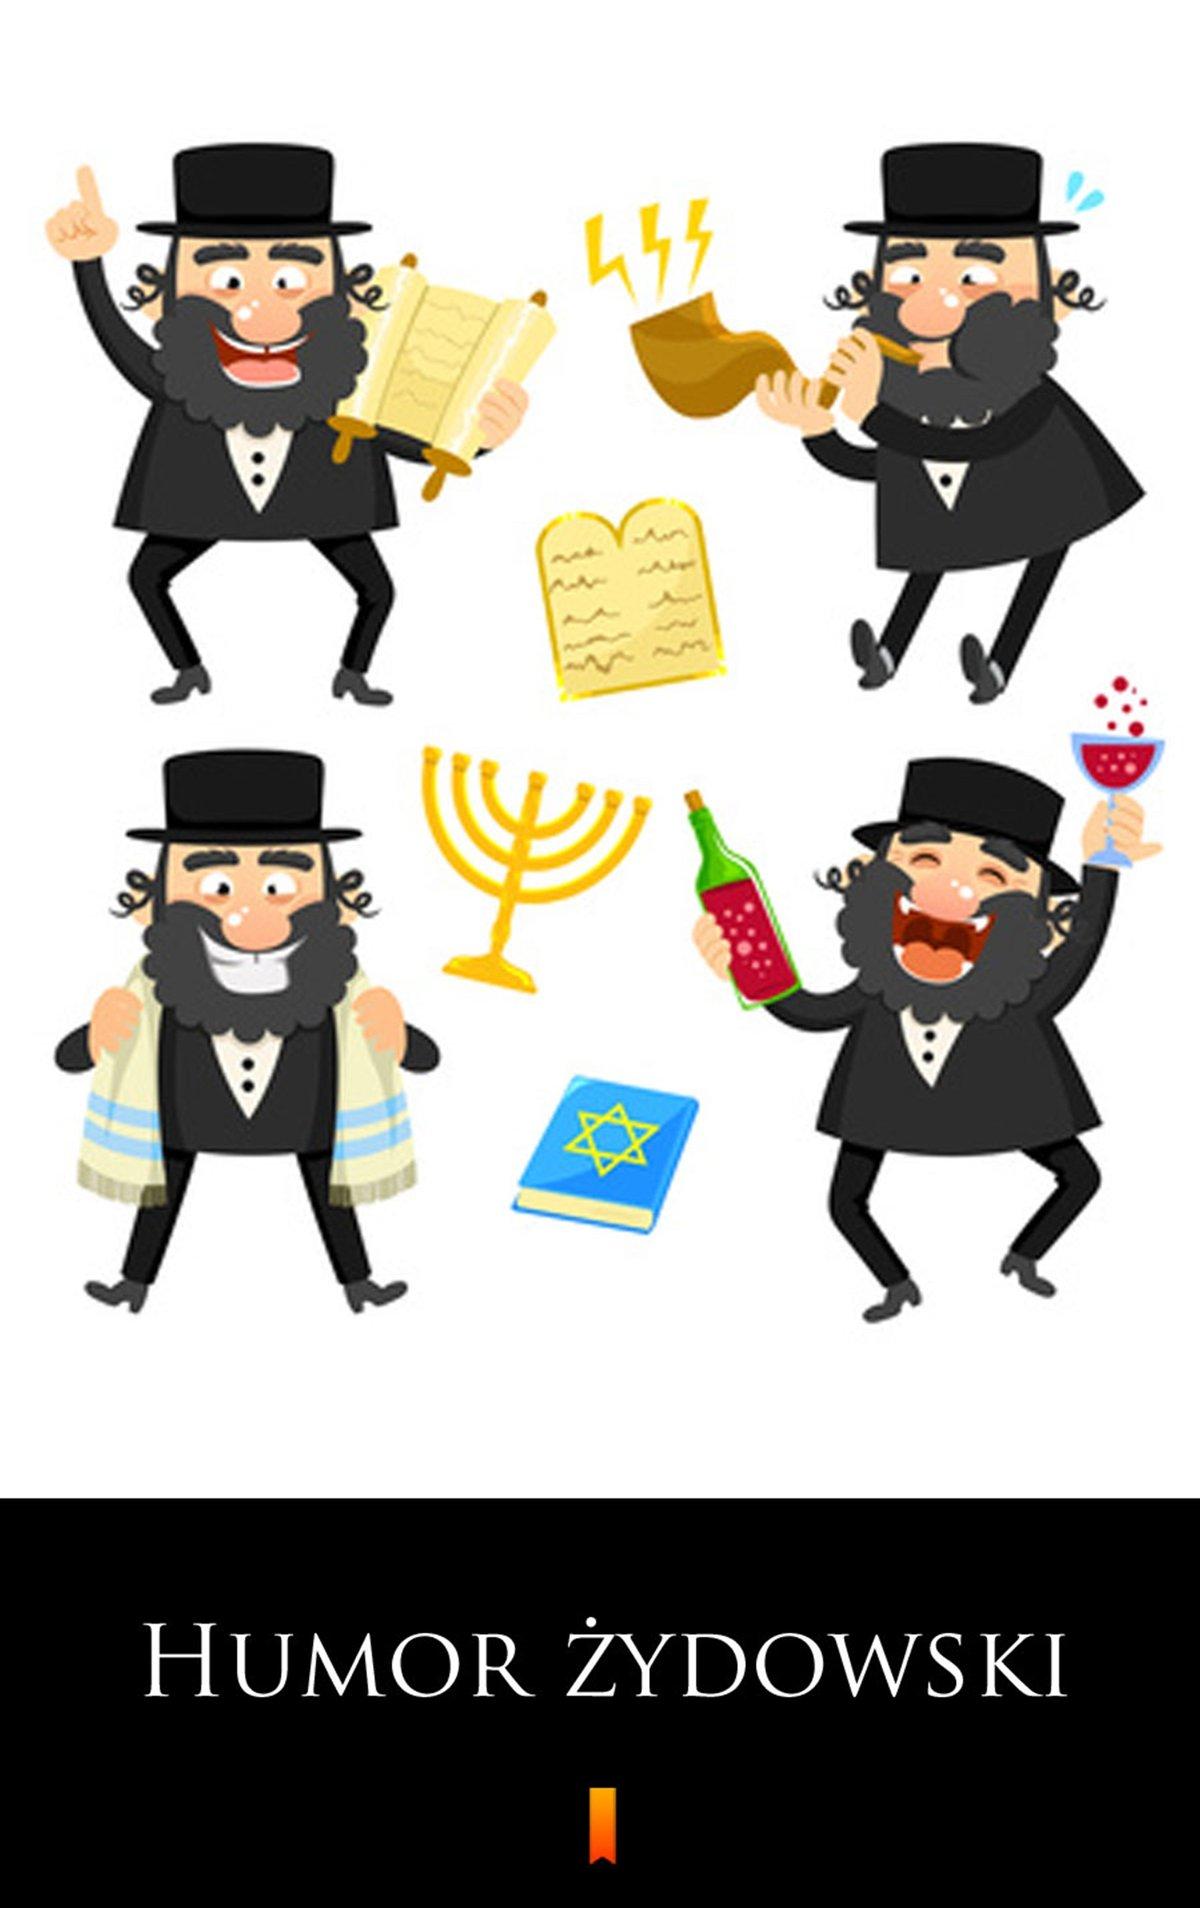 Humor żydowski - Ebook (Książka na Kindle) do pobrania w formacie MOBI